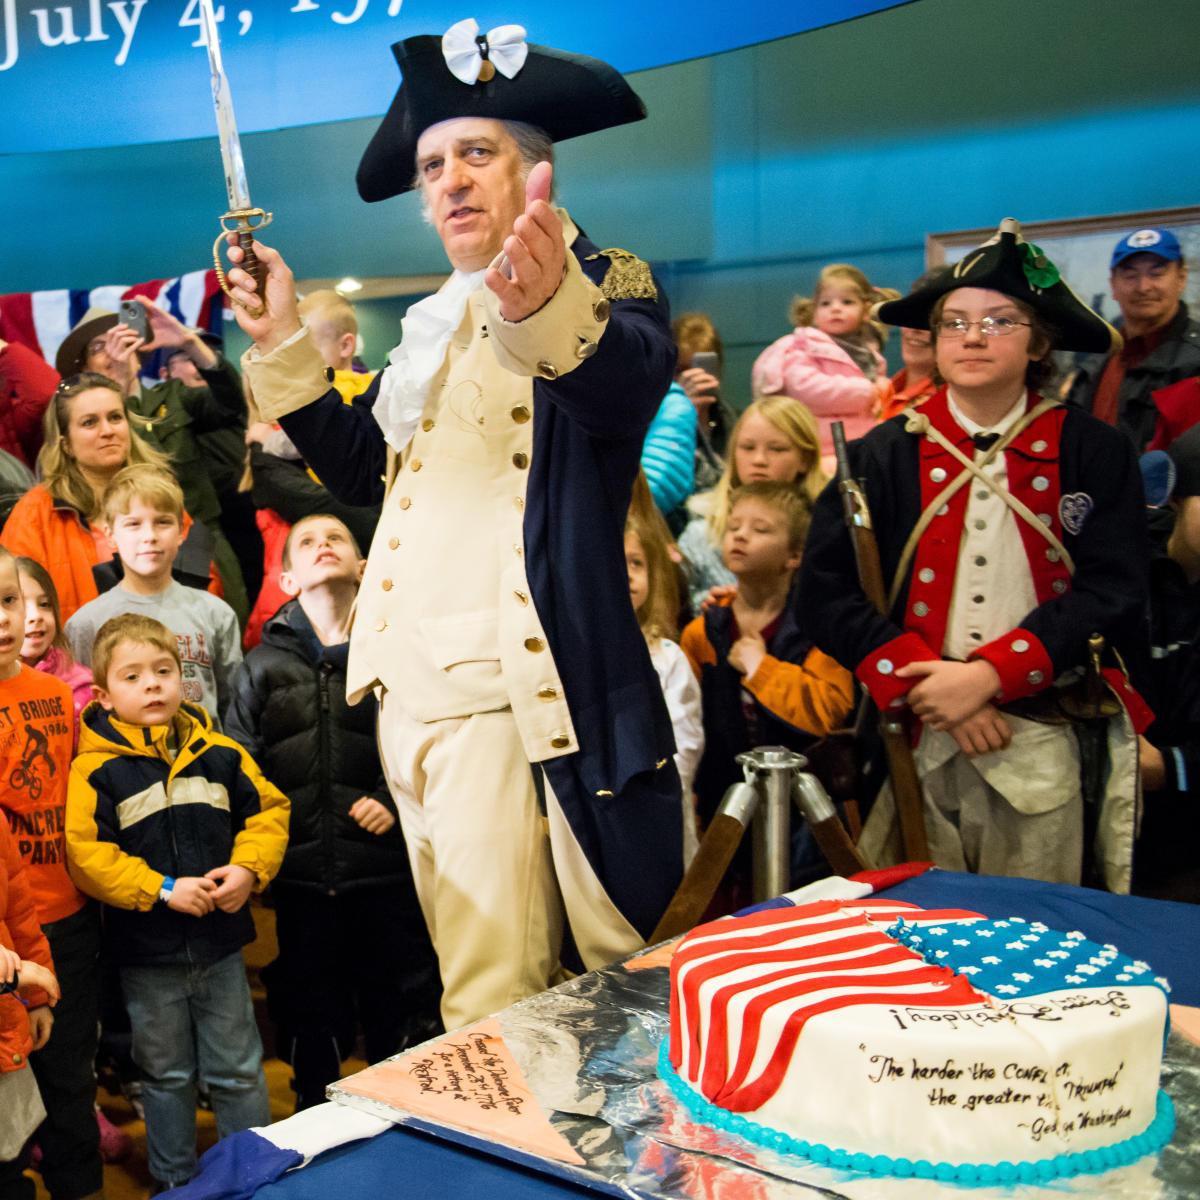 Washington's Birthday